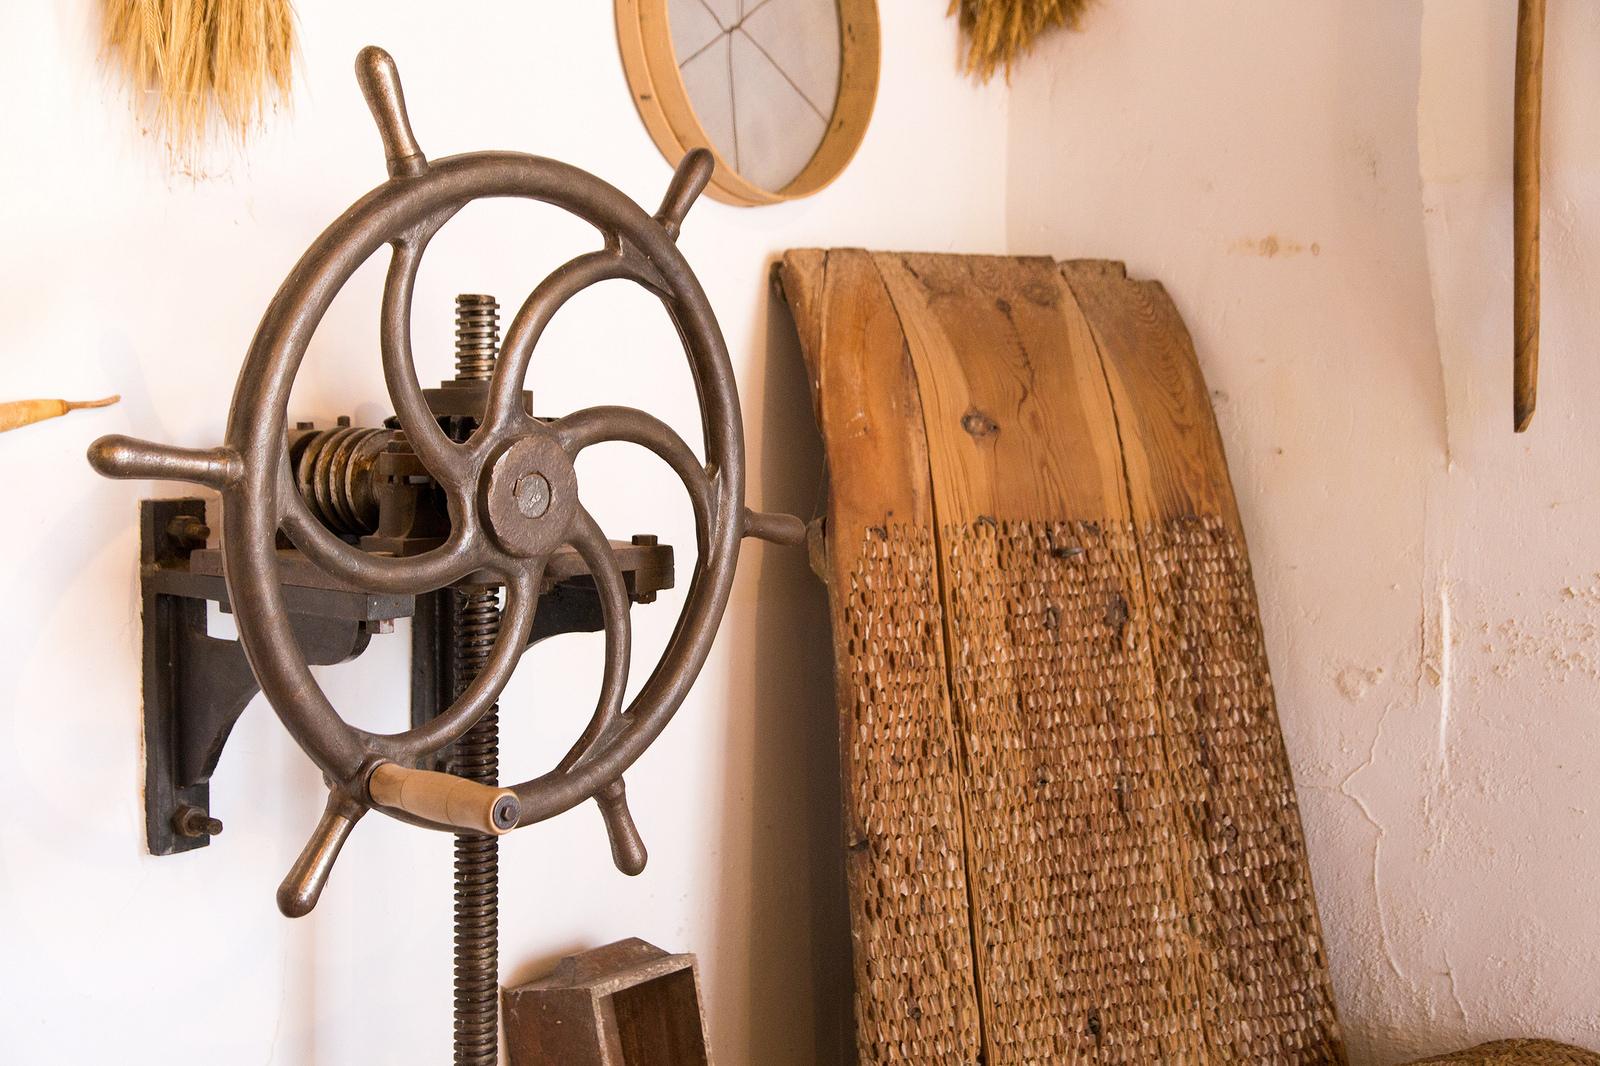 Museo de la Molinería de Morata de Tajuña